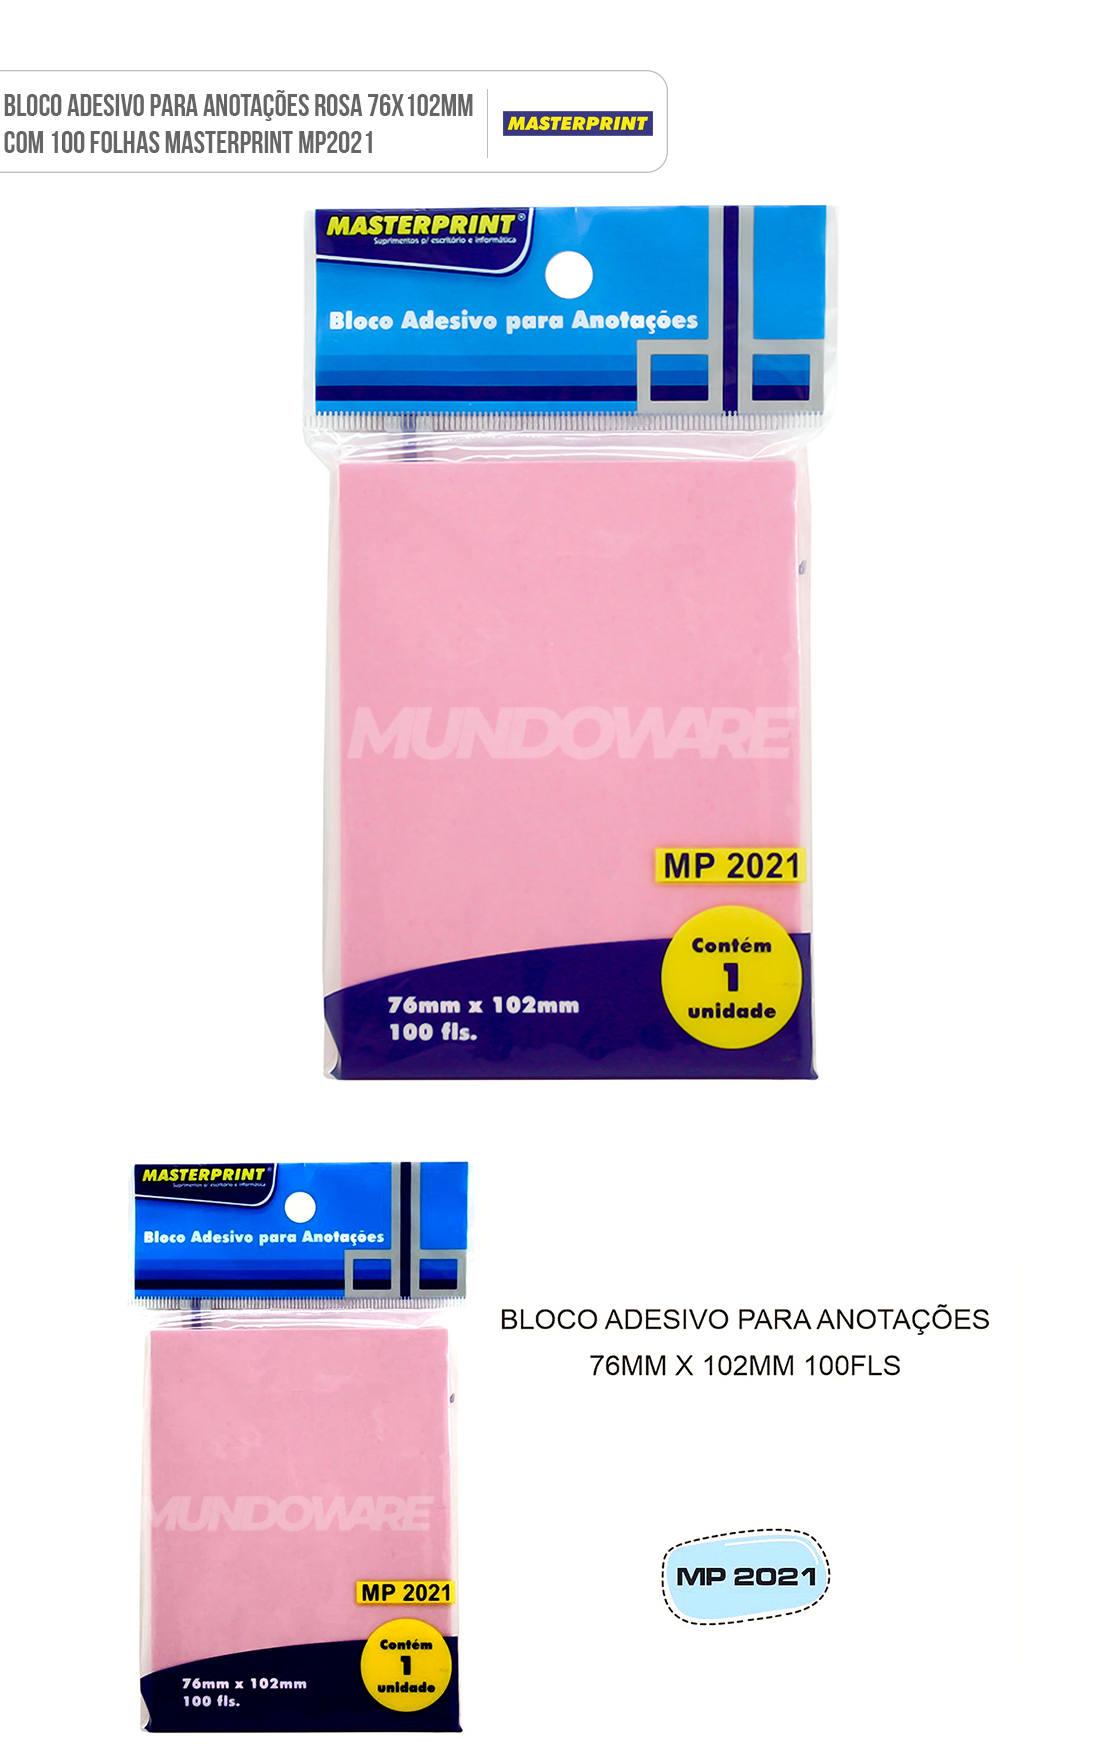 Bloco Adesivo para Anotações Rosa 76x102mm com 100 Folhas Masterprint MP2021